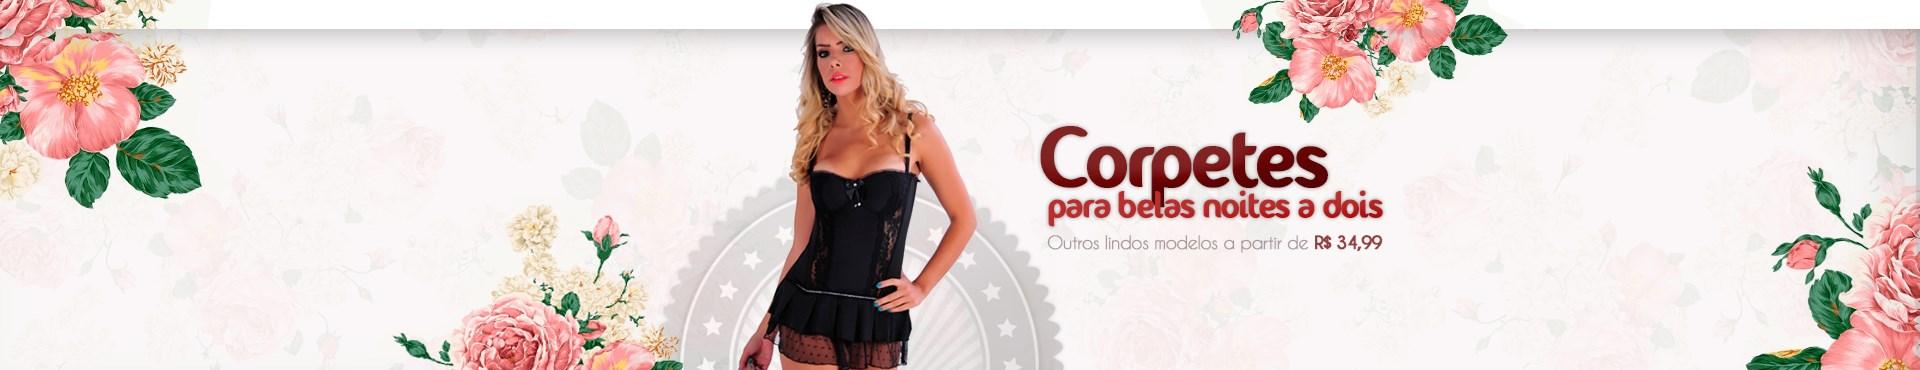 Semana do Consumidor_Atacarejo_Silvest